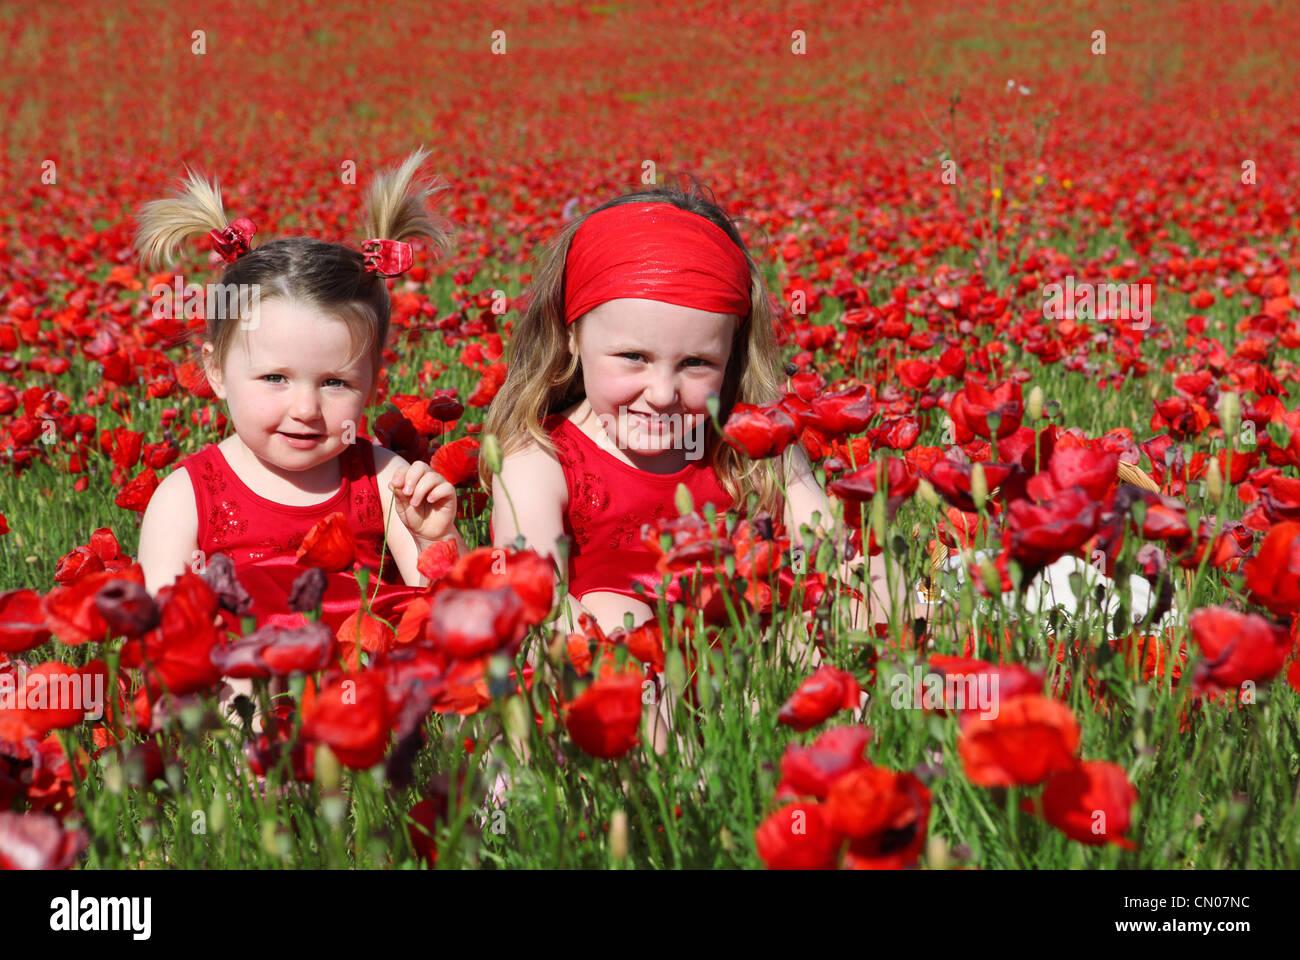 Happys Verano niñas en pradera Imagen De Stock